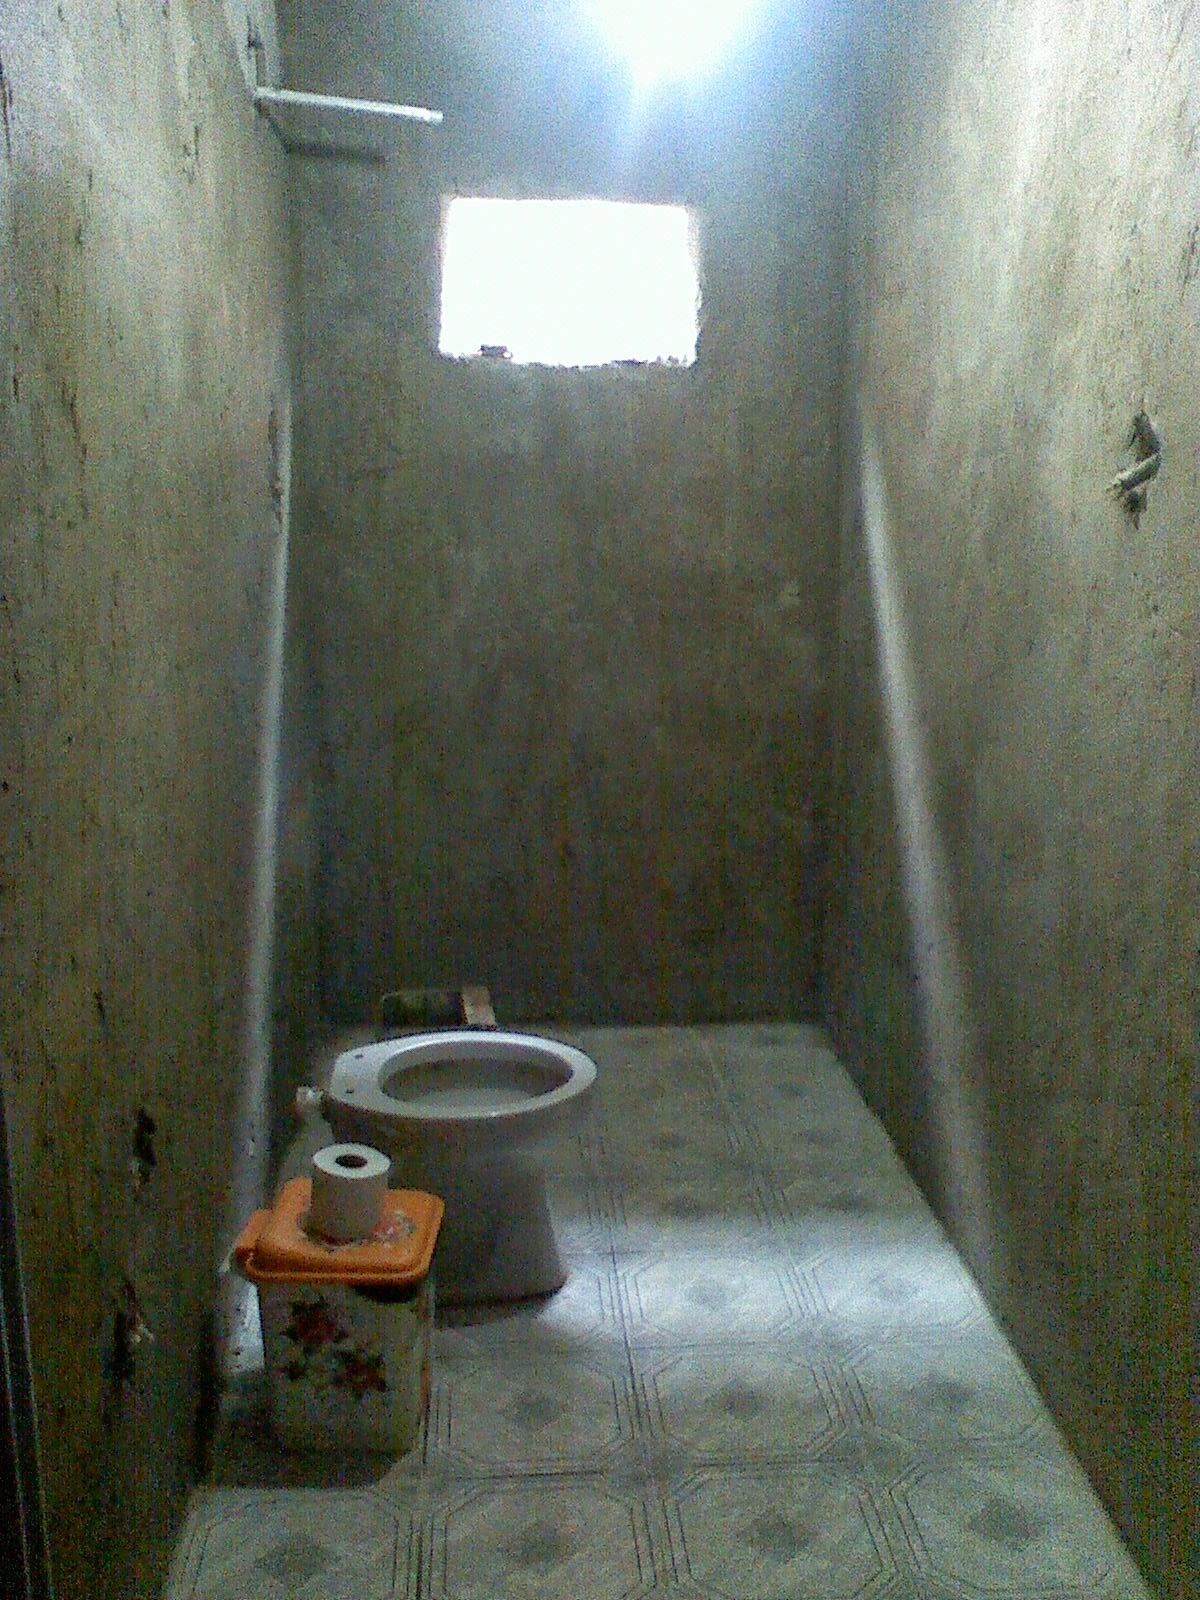 Nossa Tão sonhada Humilde Residência A Casa Alheia Parte 4   -> Banheiro Feminino Bla Bla Bla